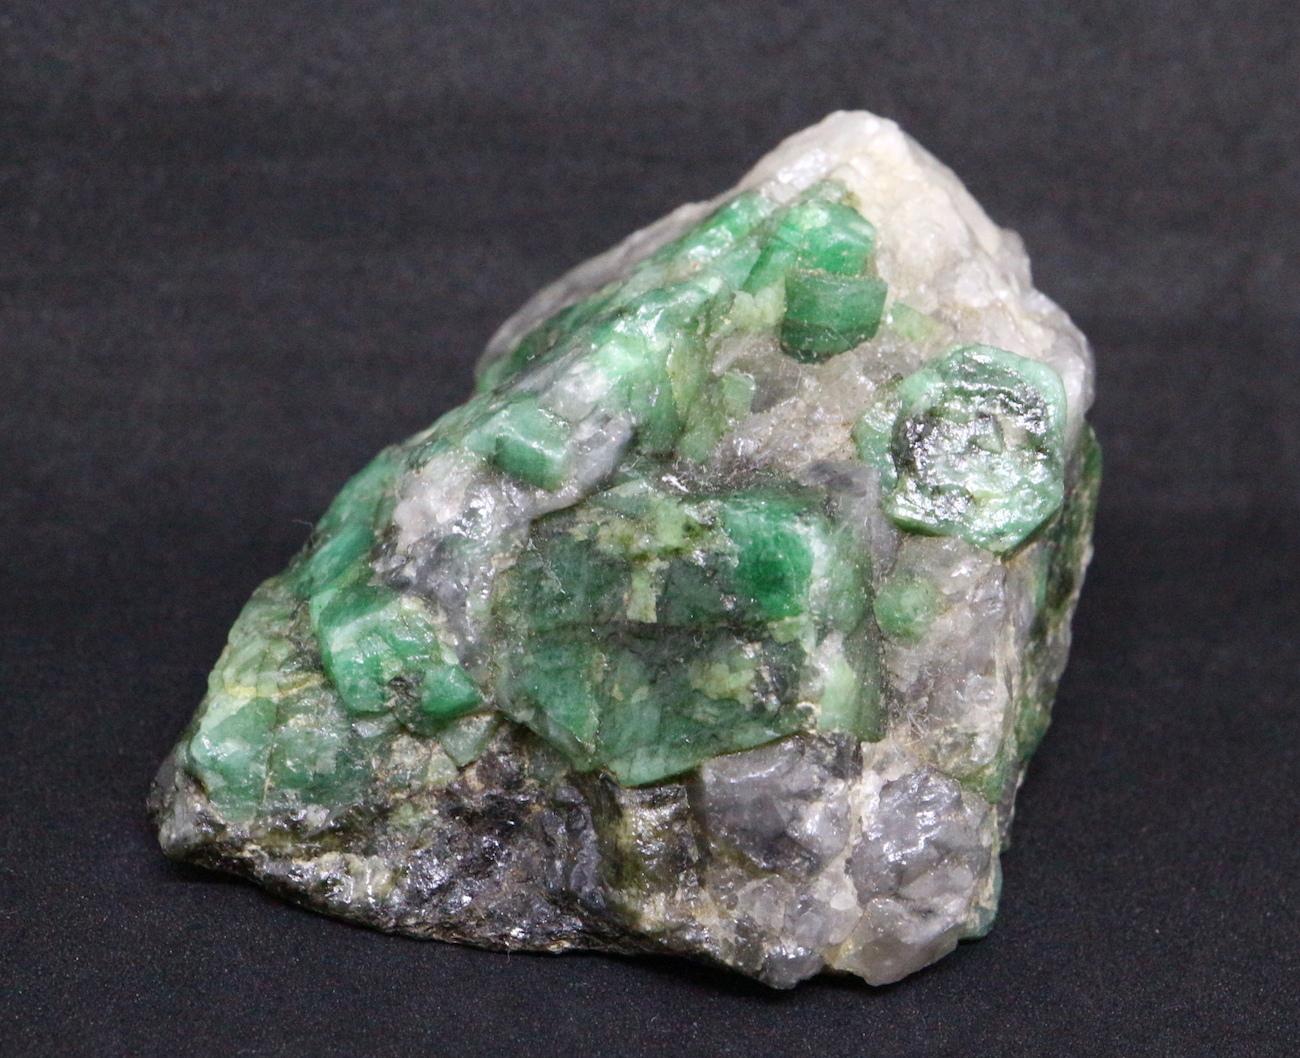 エメラルド 原石 標本 鉱物 101g ED029 ベリル 緑柱石